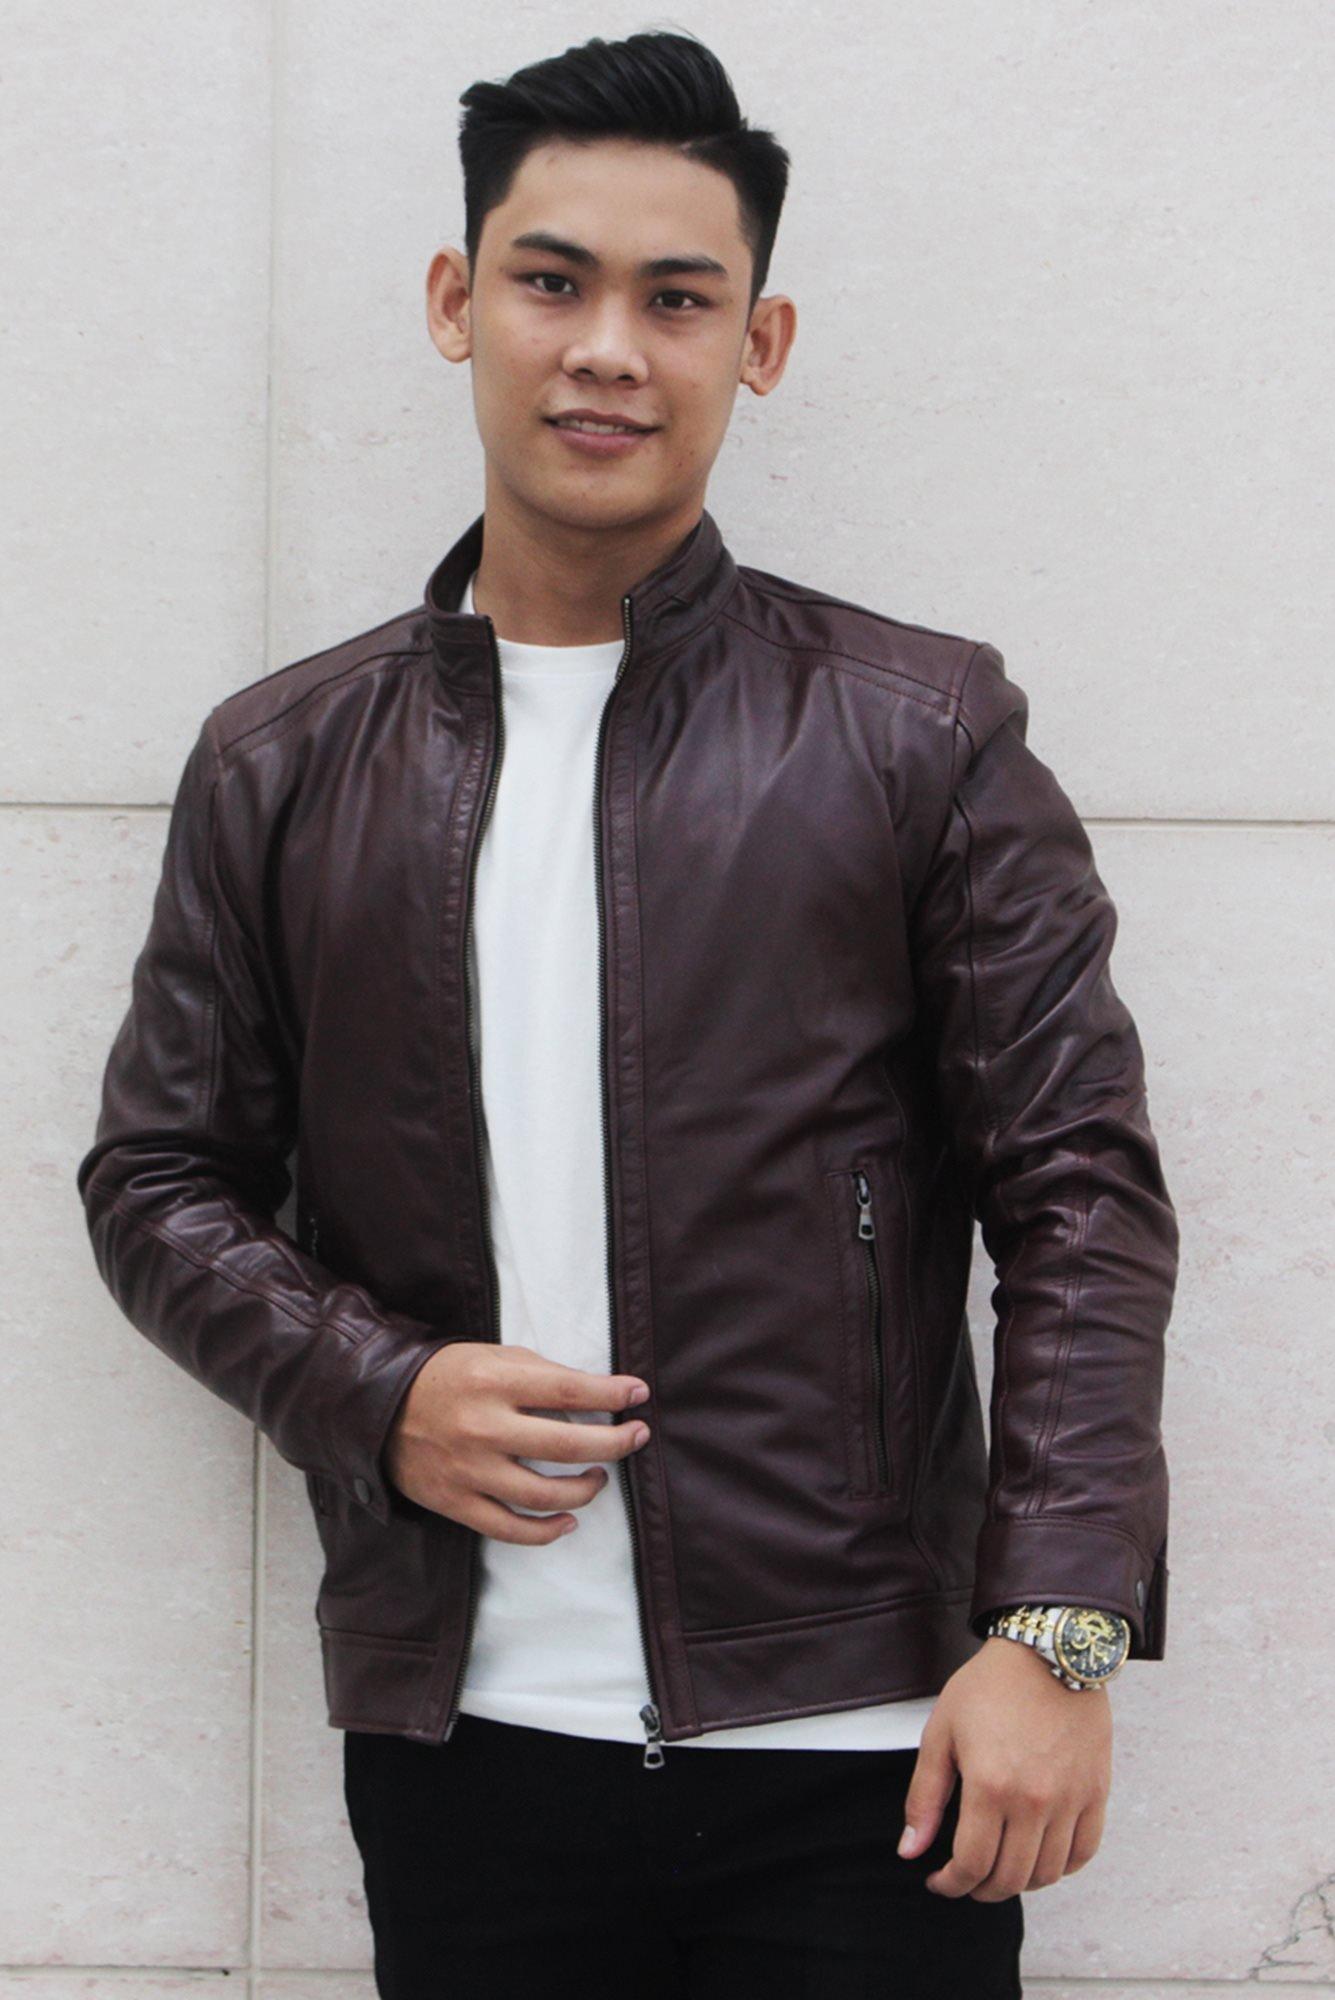 Leathermen ra đời vì sứ mệnh giúp mang đến thị trường các mẫu áo khoác da thật chất lượng, giá tốt